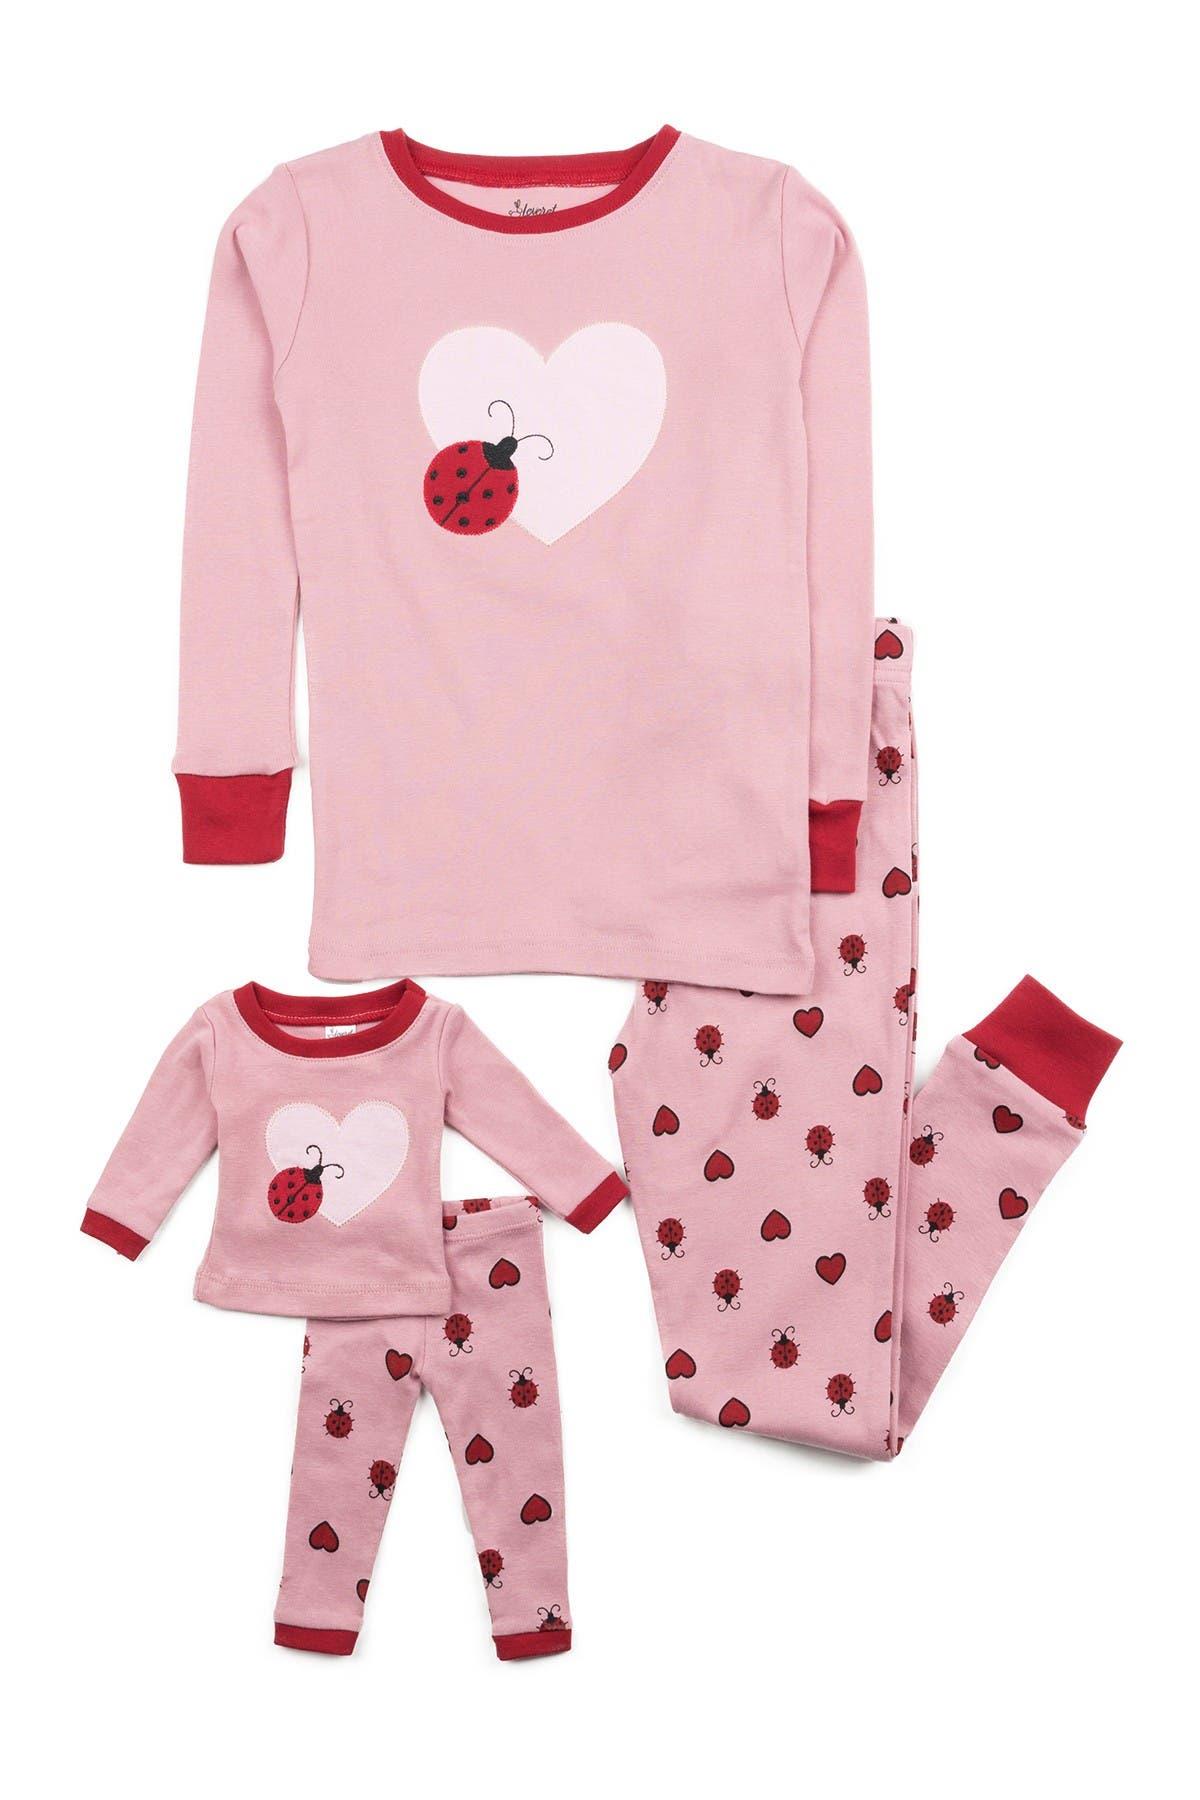 Image of Leveret Ladybug Pajama & Matching Doll Pajama Set